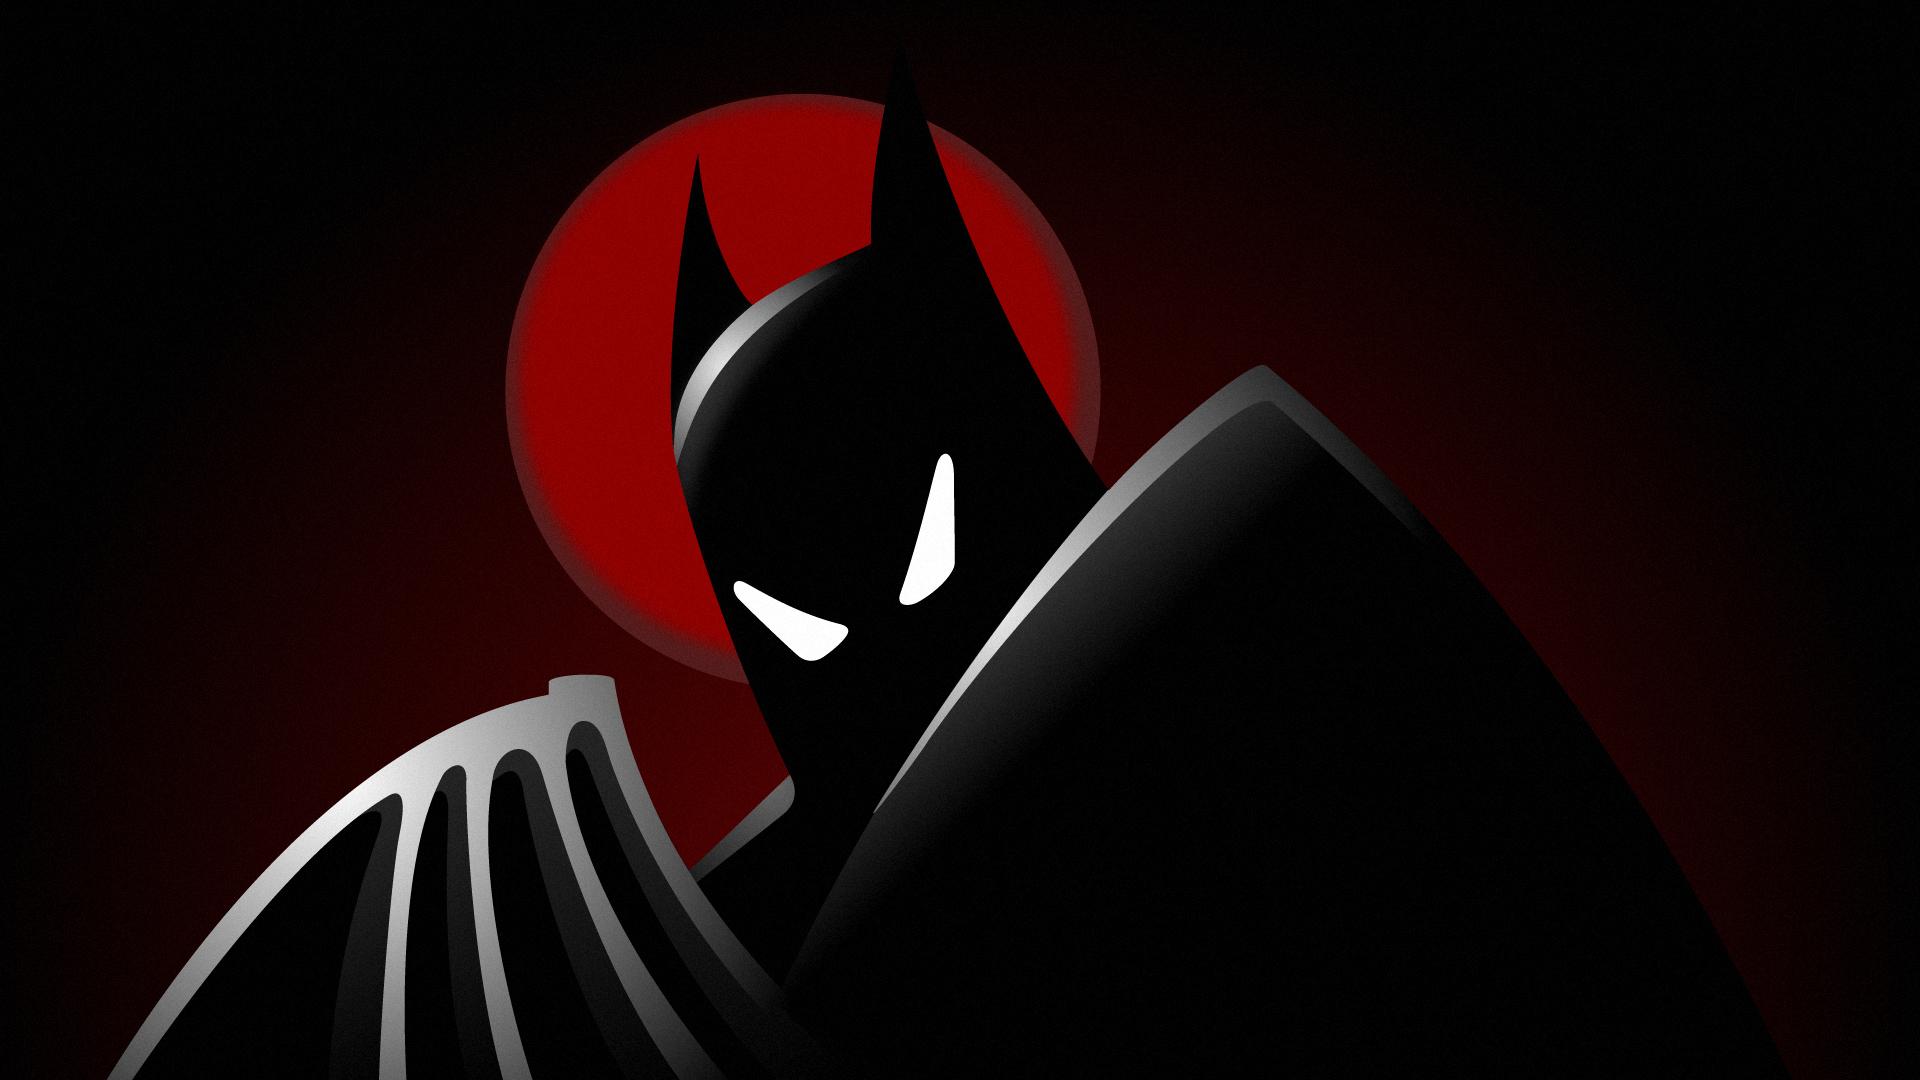 Download 1920x1080 Wallpaper Batman Dc Comics Full Hd Hdtv Fhd